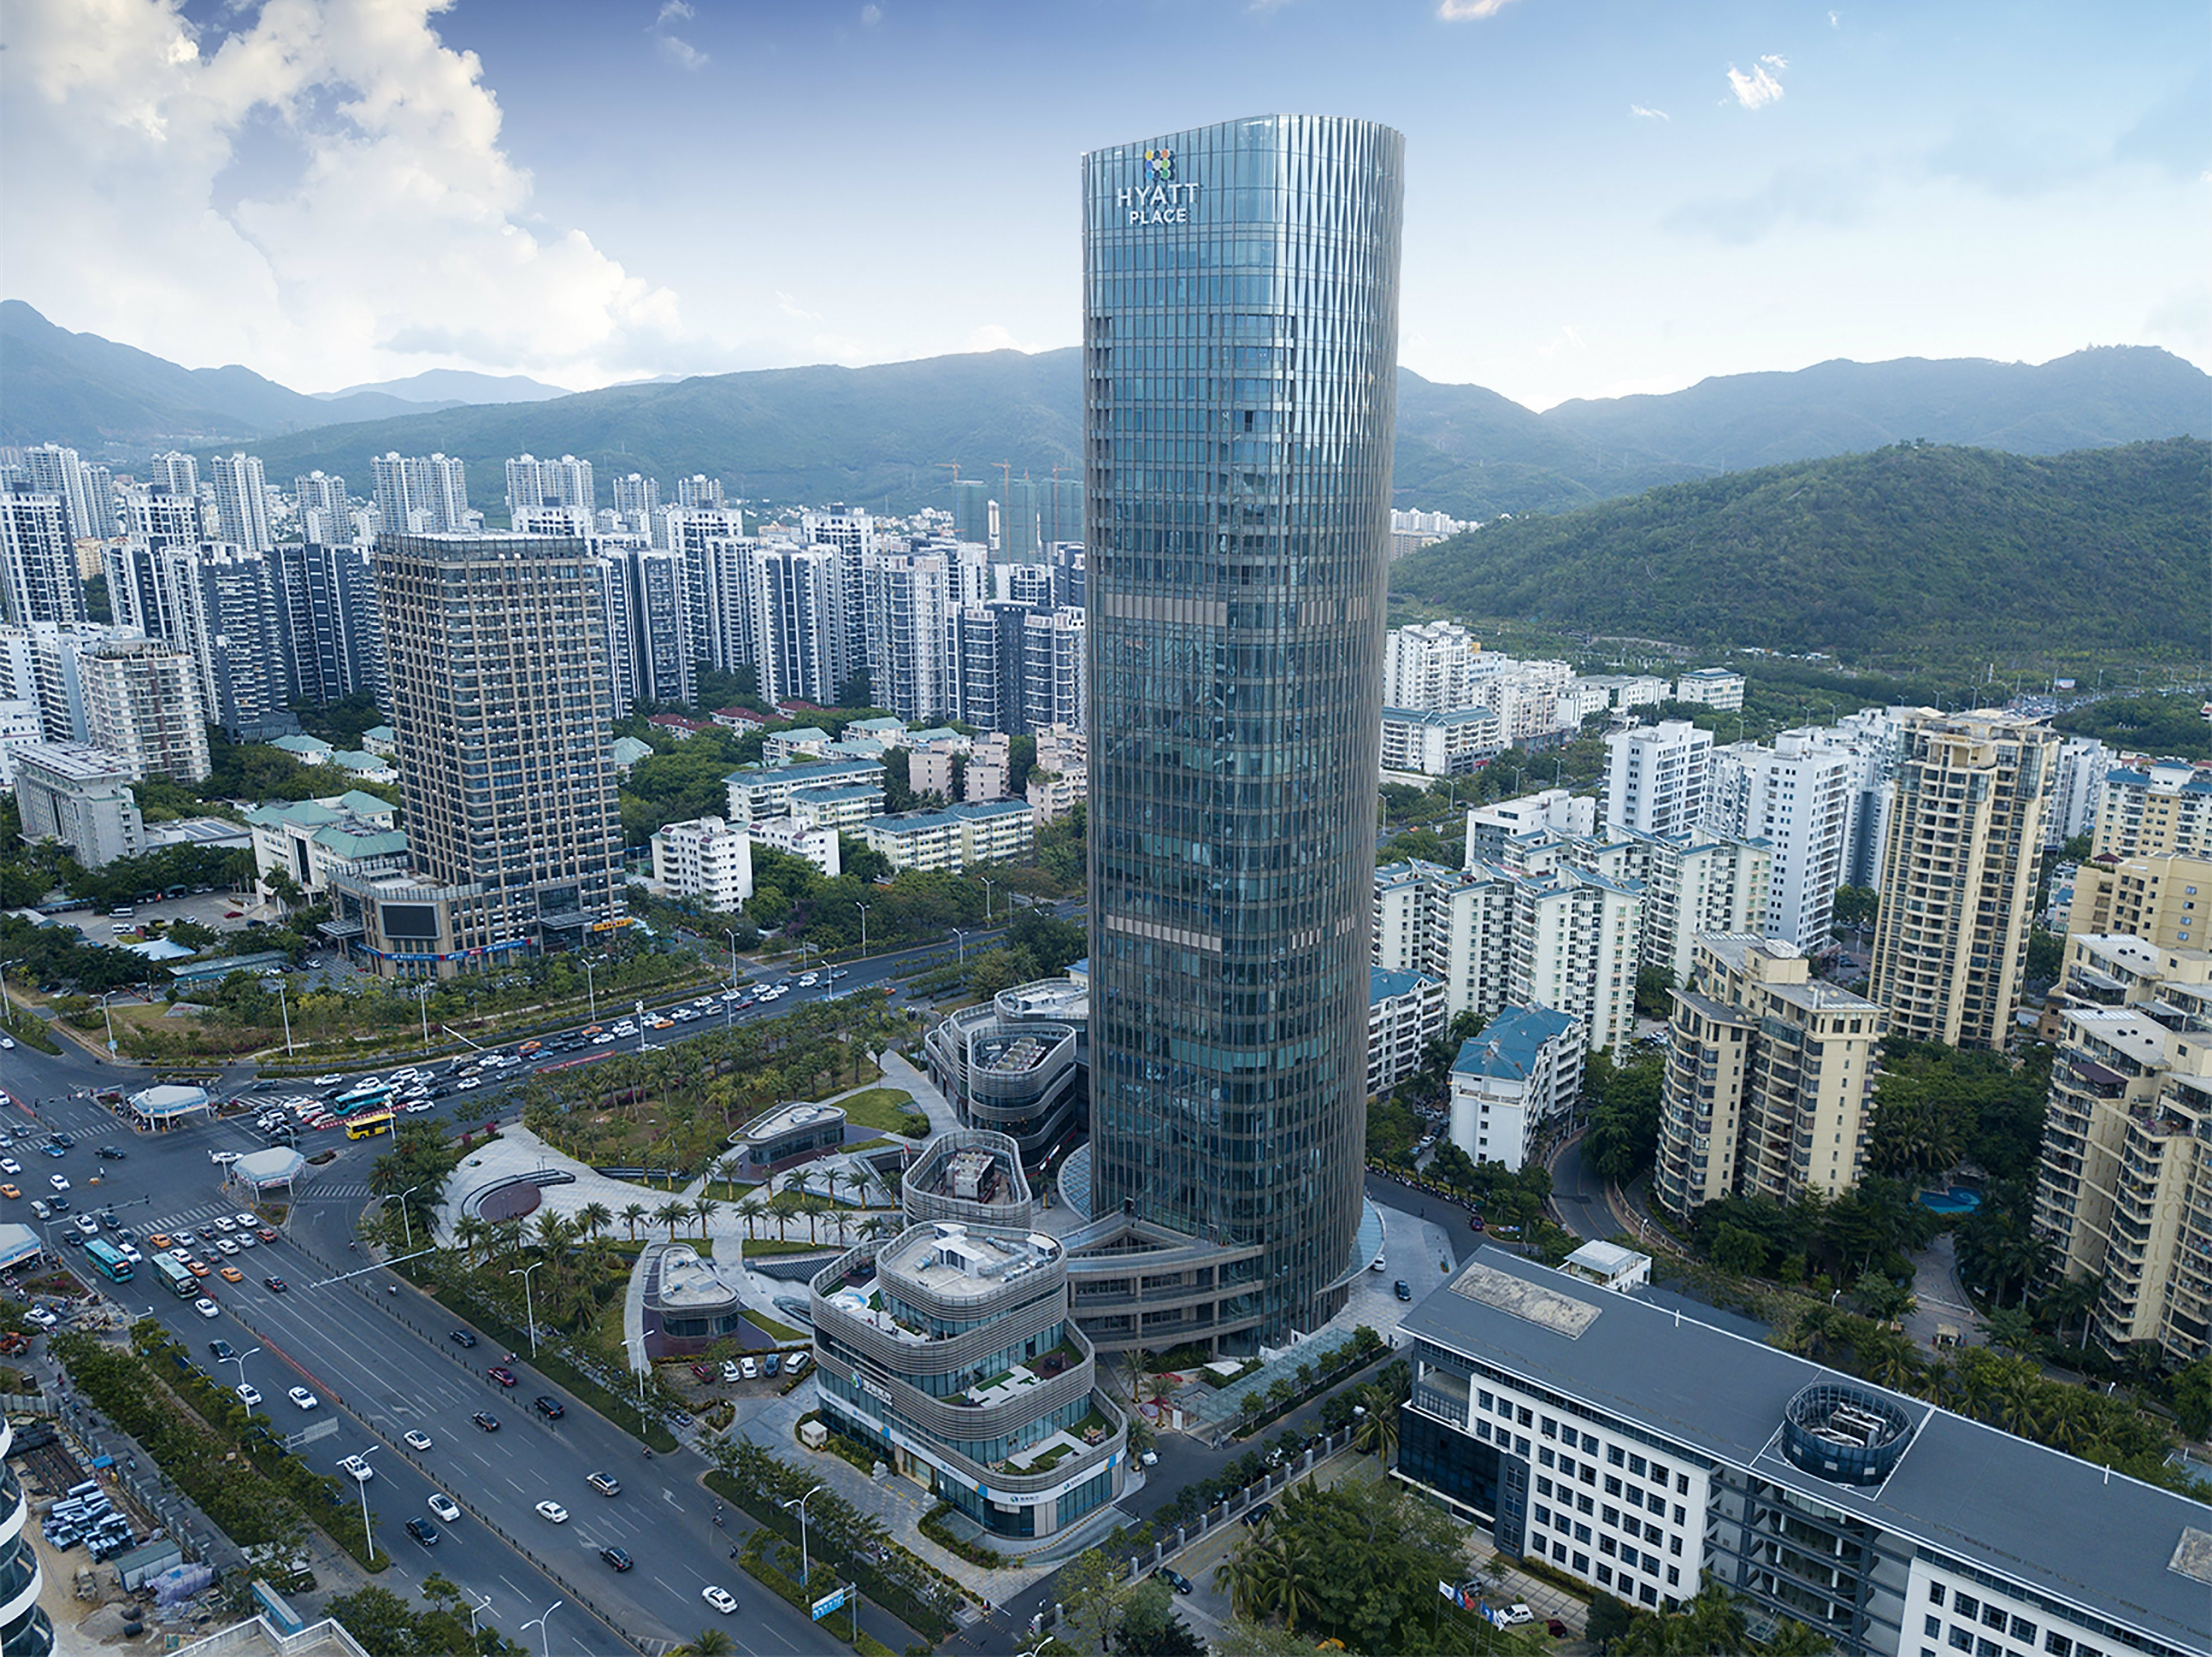 中心凯悦嘉轩酒店,坐落于三亚城央政务及金融商务区,轻松出行至城市